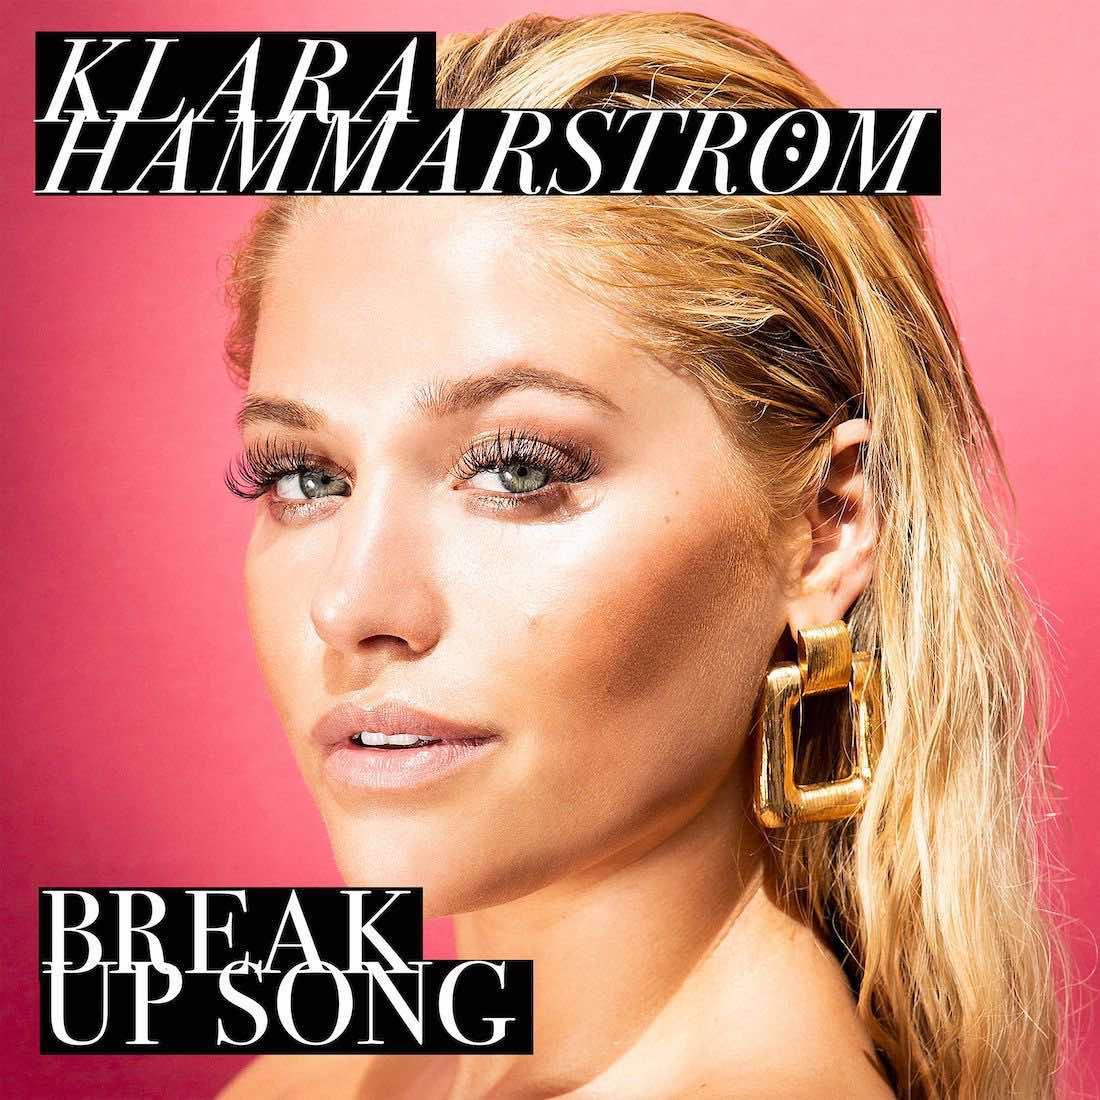 Klara Hammarström - Break up song - Popmuzik